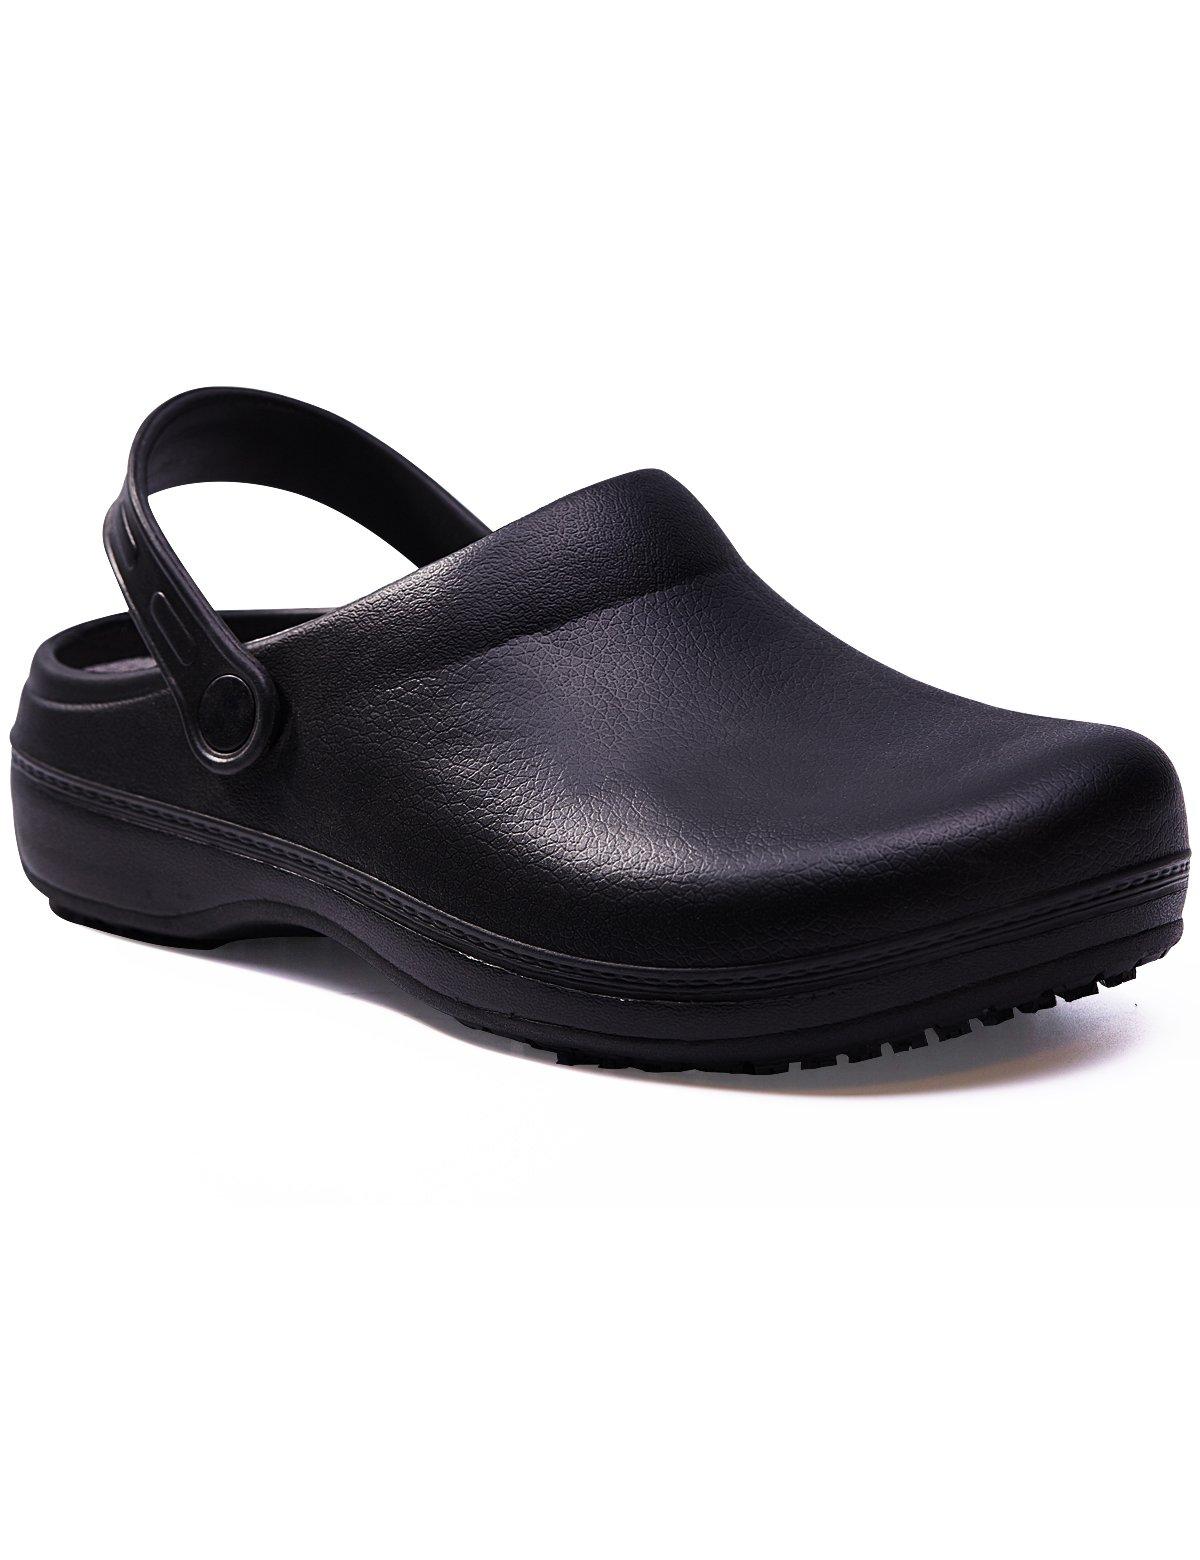 get quotations jinstar unisex black non slip chef shoes slip resistant work clogs for kitchen men women - Non Slip Kitchen Shoes